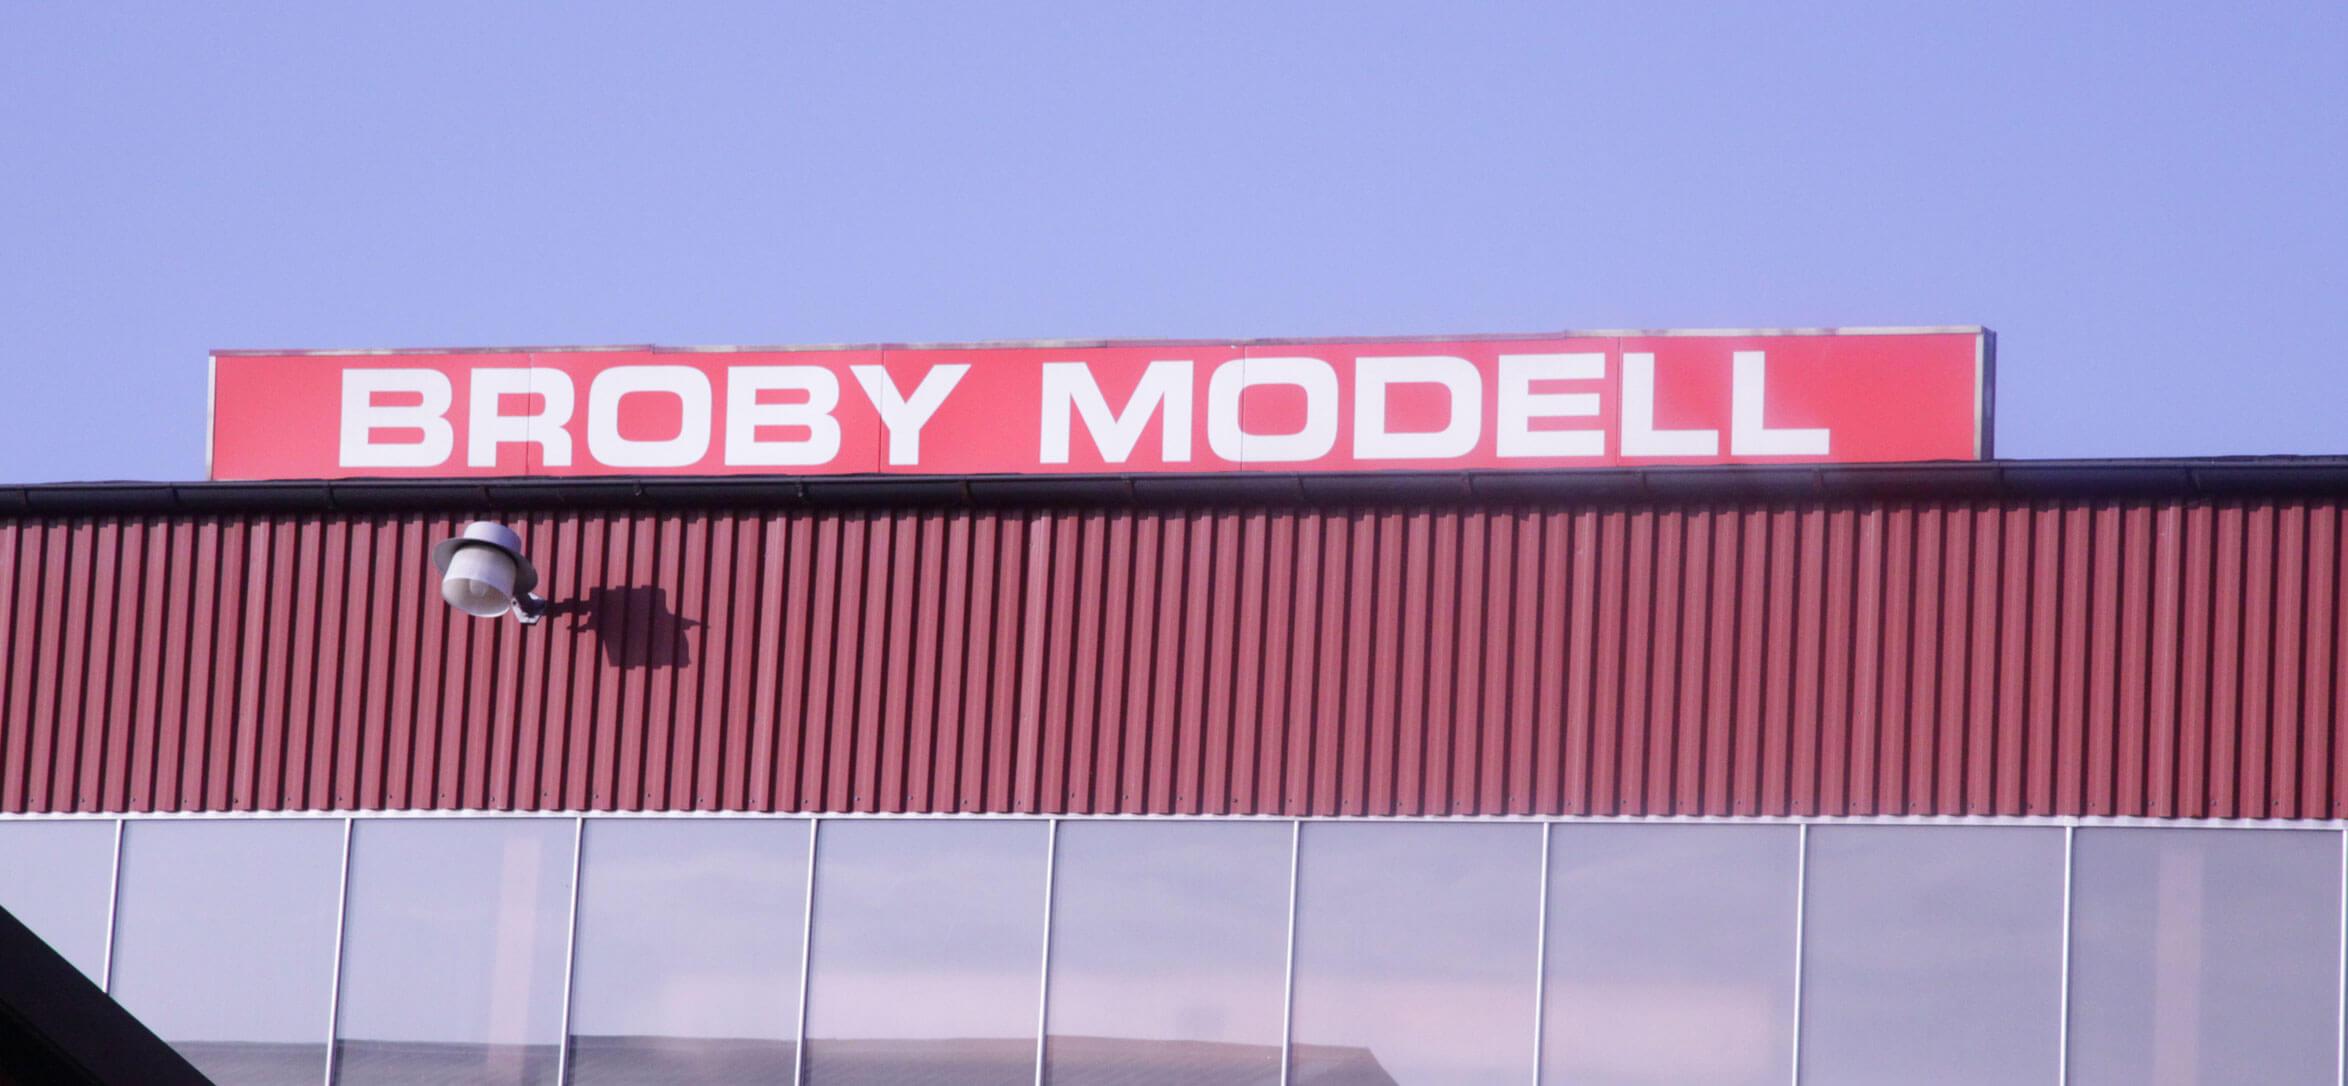 Broby-model-industri-fasad-bild